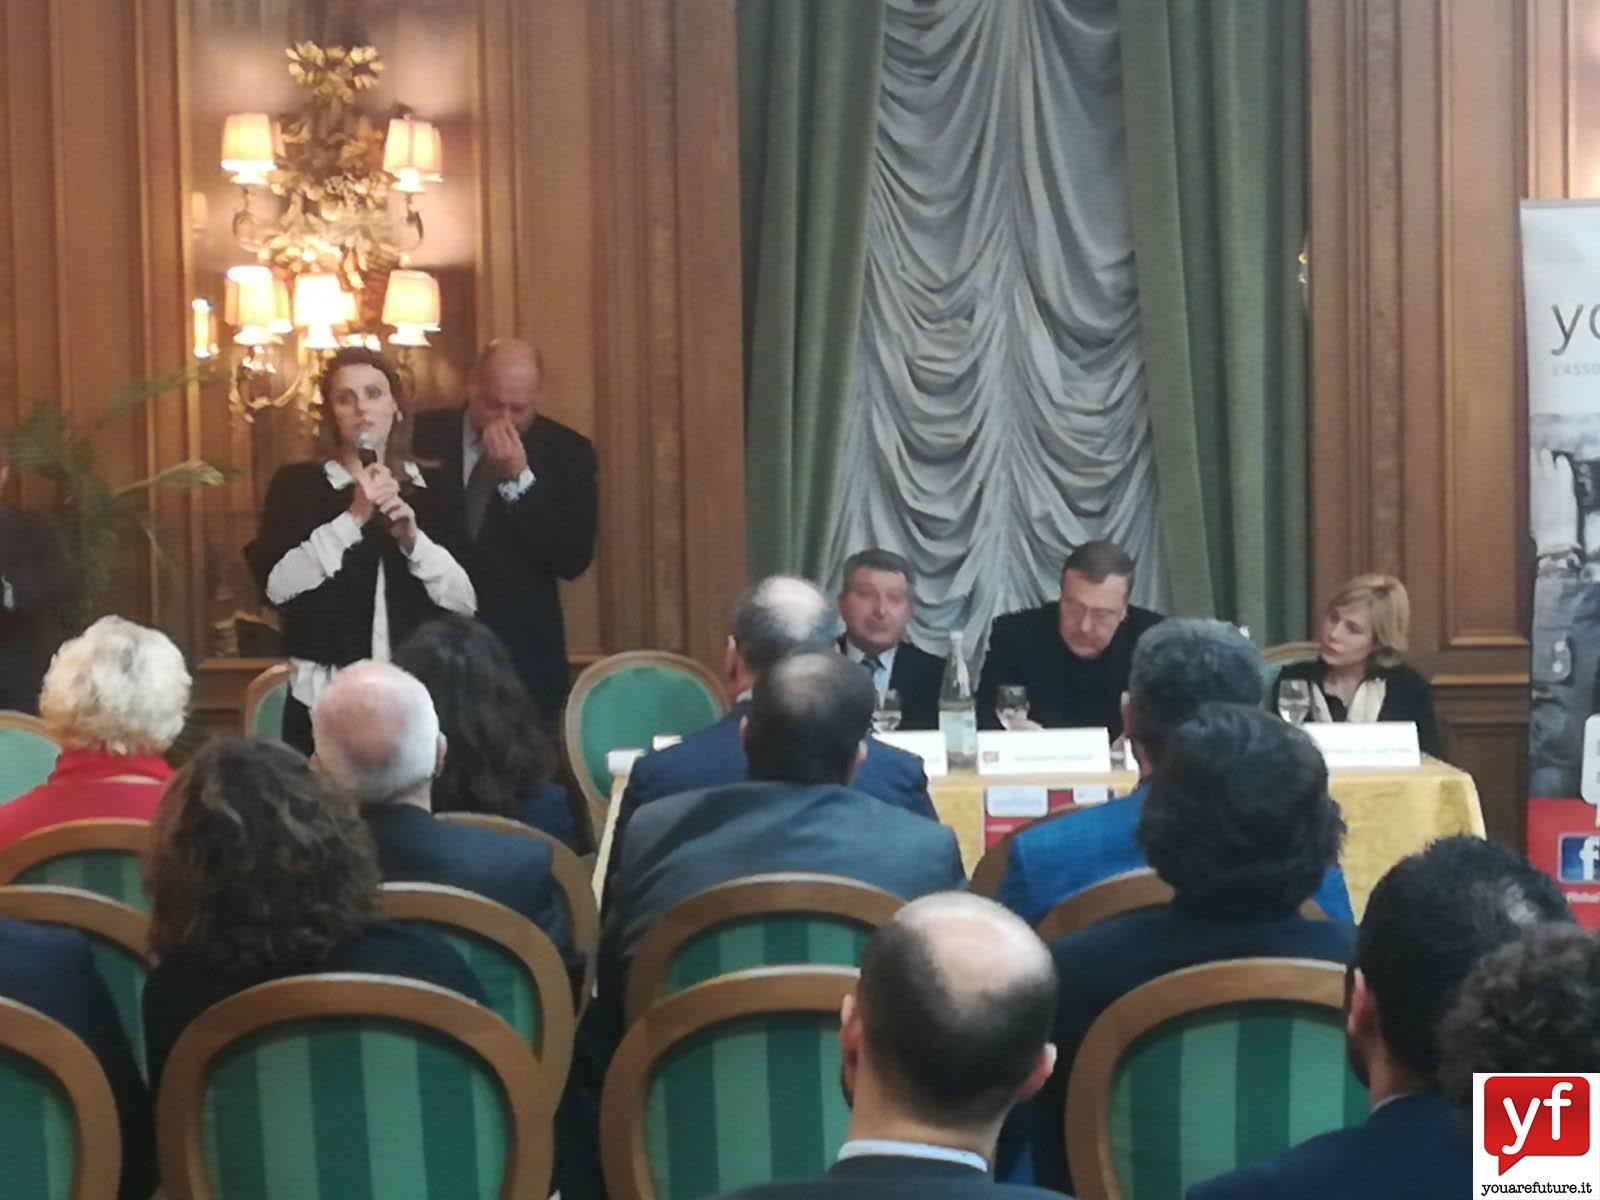 Renata Bueno, parlamentare italo-brasiliana, durante il suo intervento.